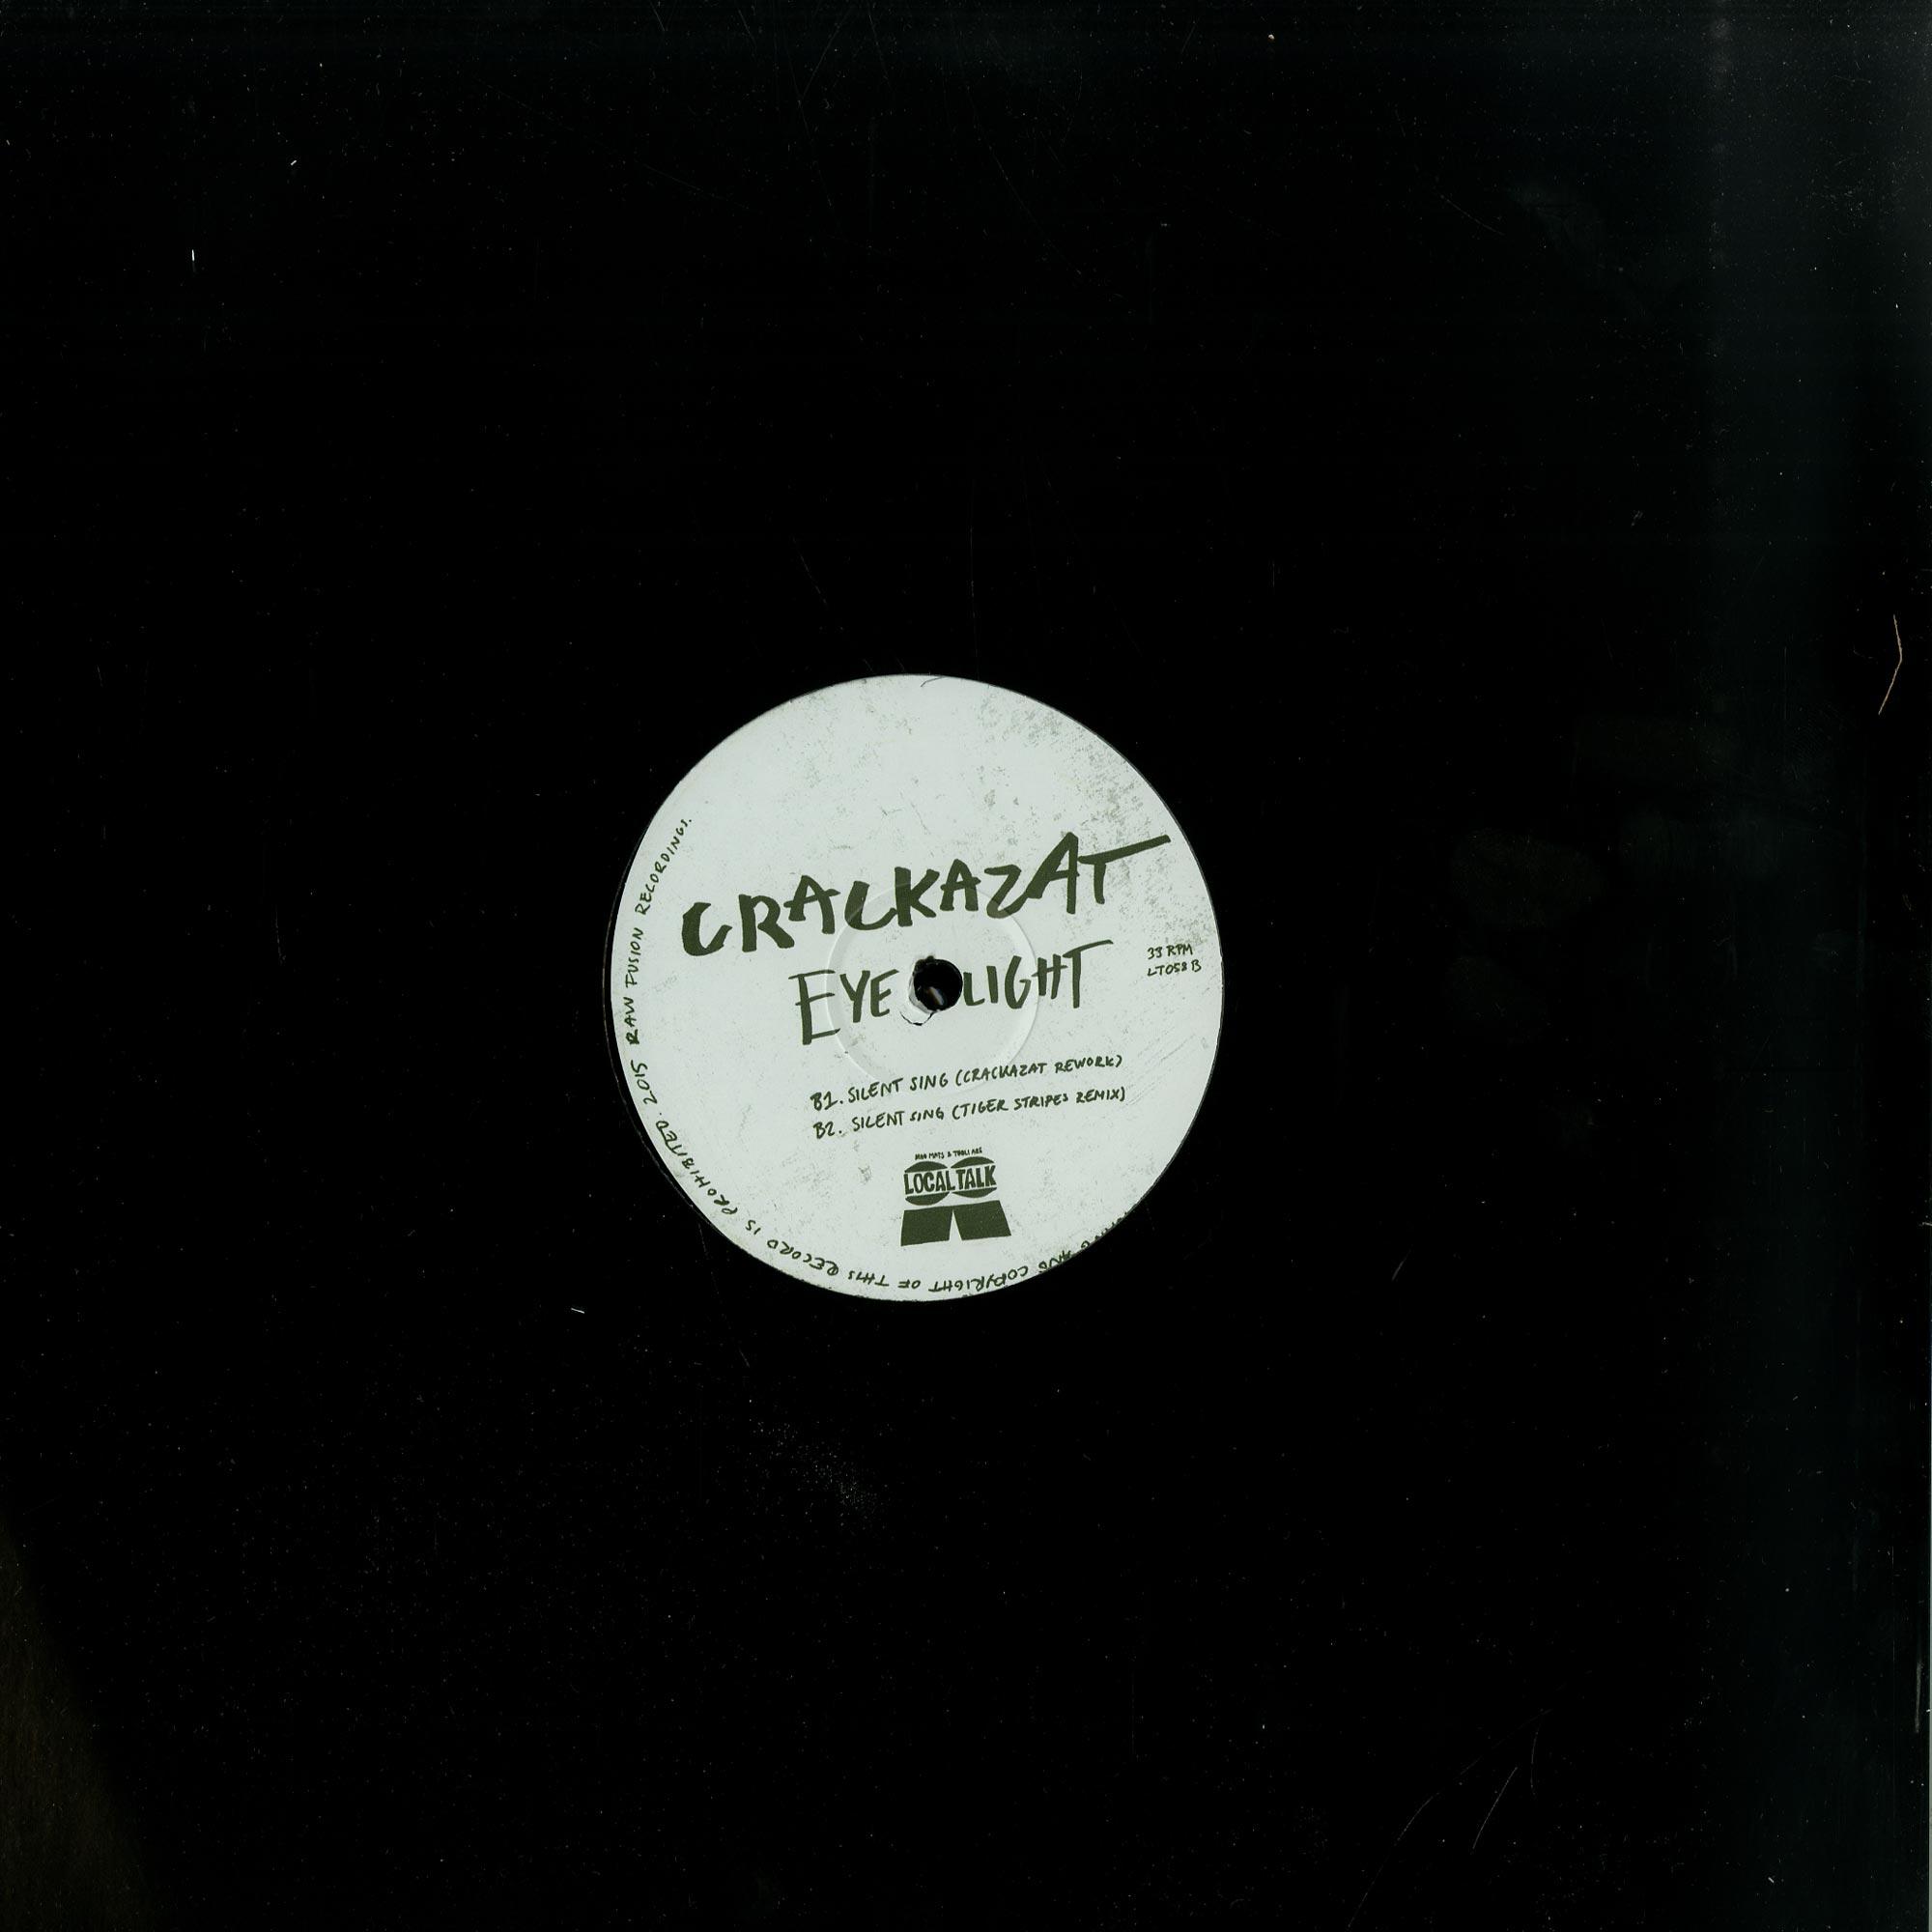 Crackazat - EYE LIGHT